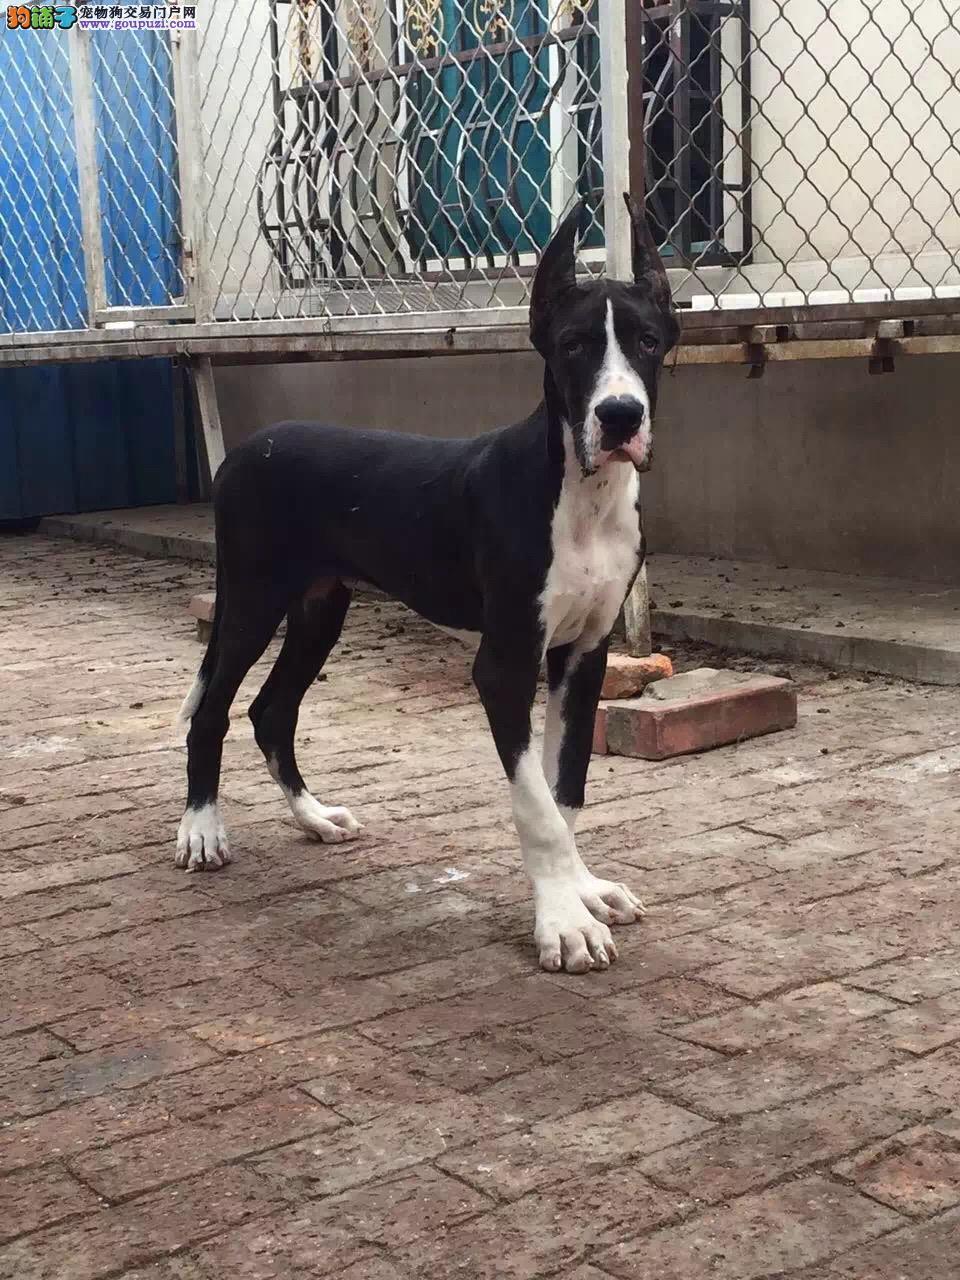 杭州出售大丹犬幼犬品质好有保障欢迎爱狗人士上门选购